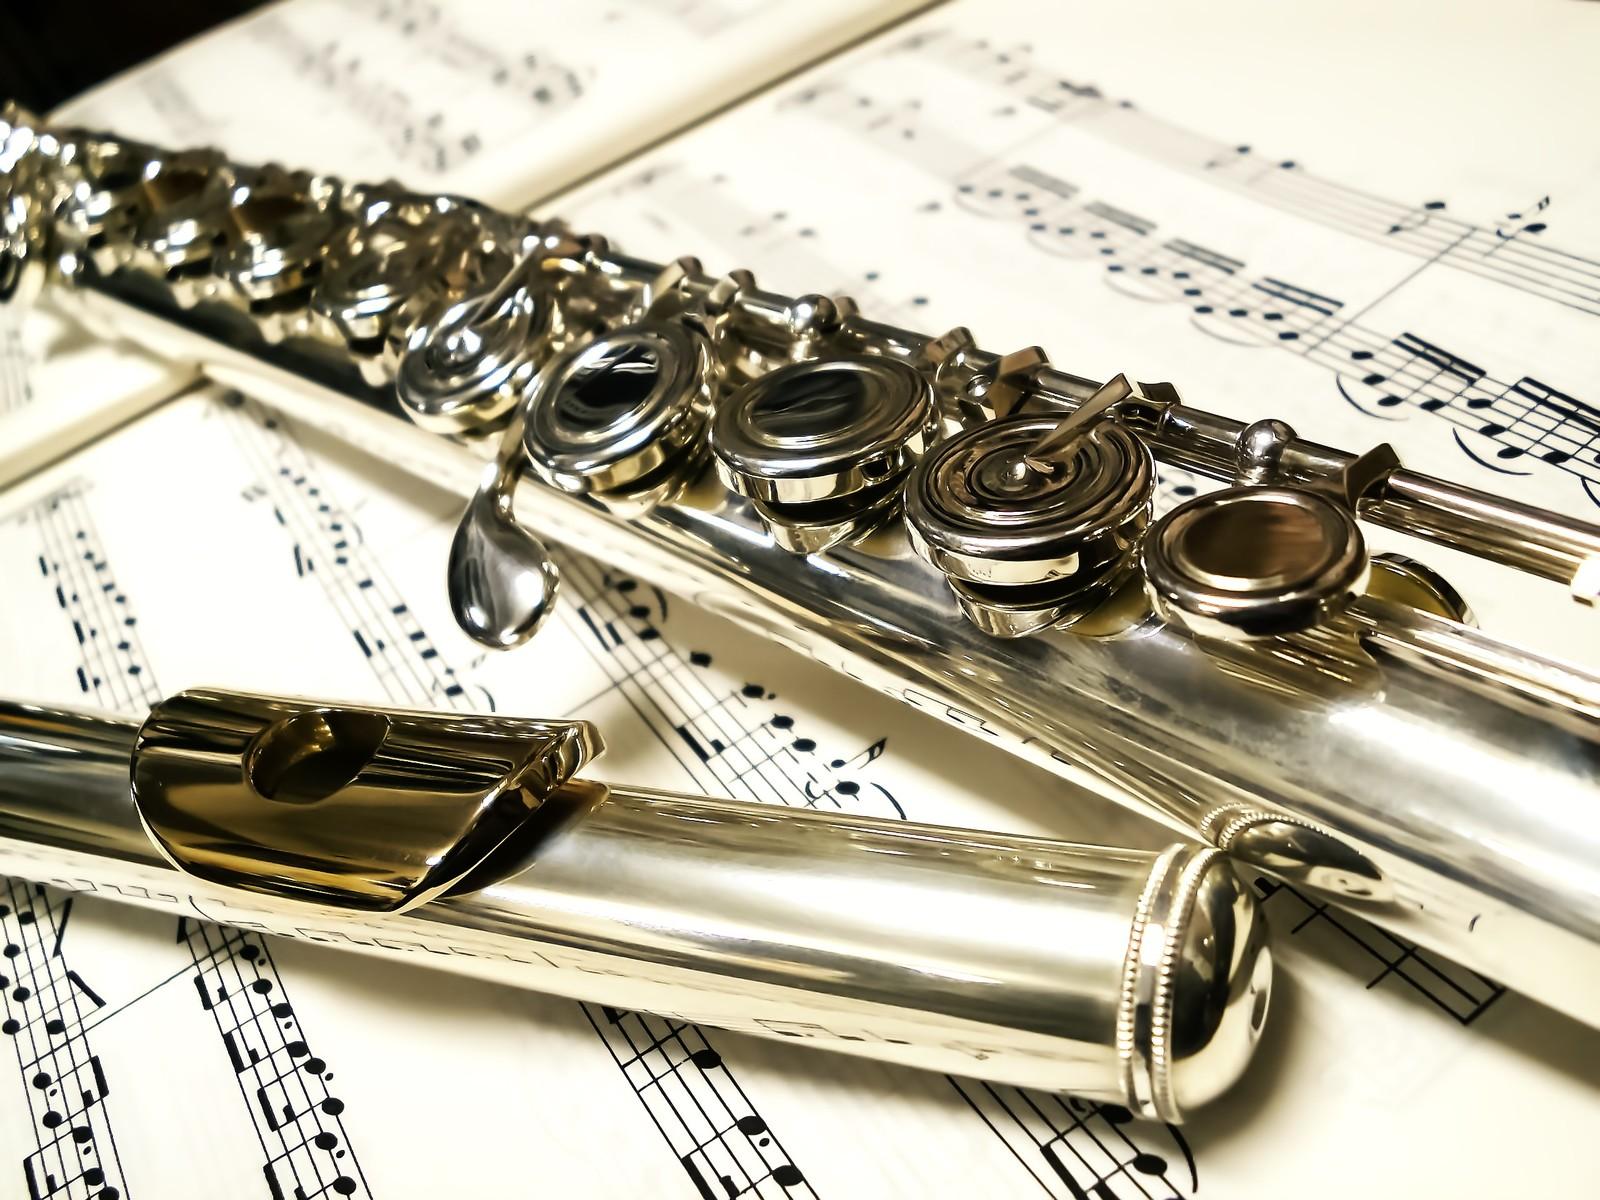 【カラオケ】ギターはいいけど金管楽器だけはマジでやめてくれ